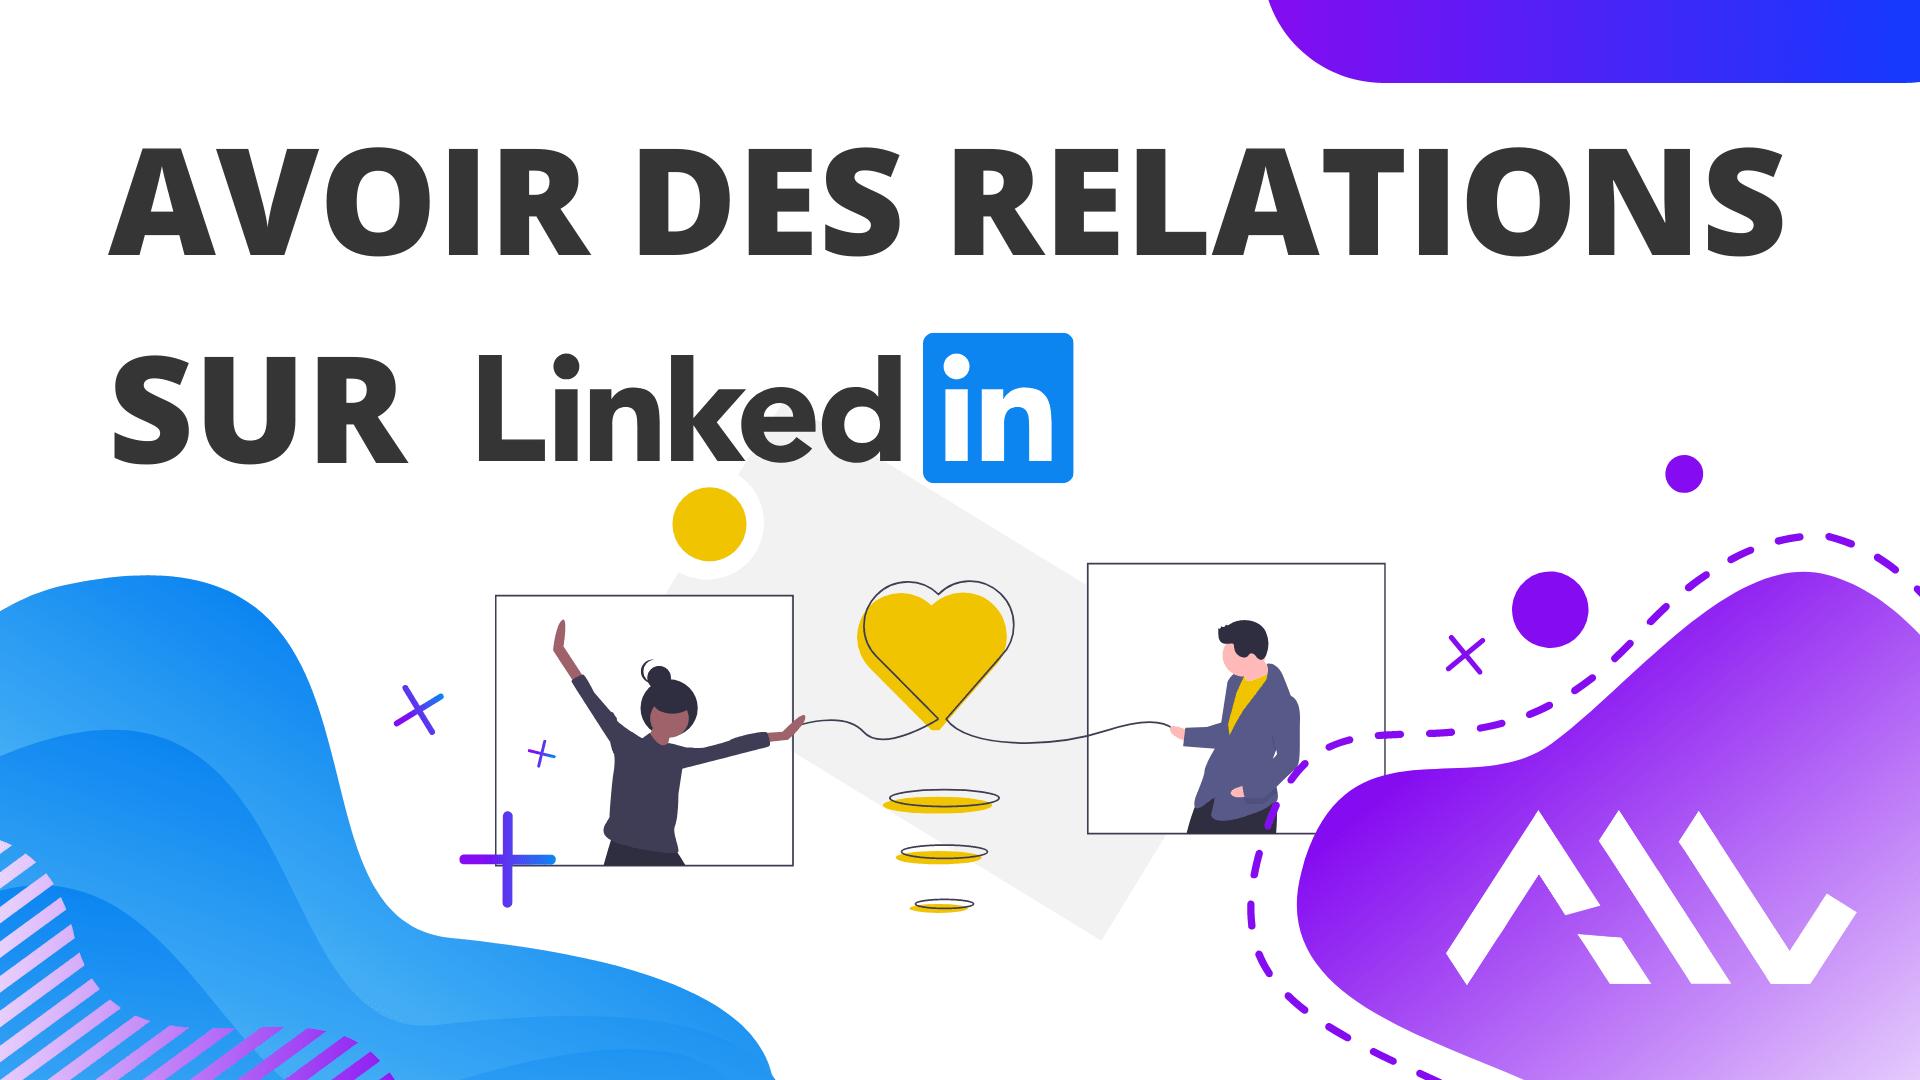 Comment avoir des relations sur LinkedIn en 2021